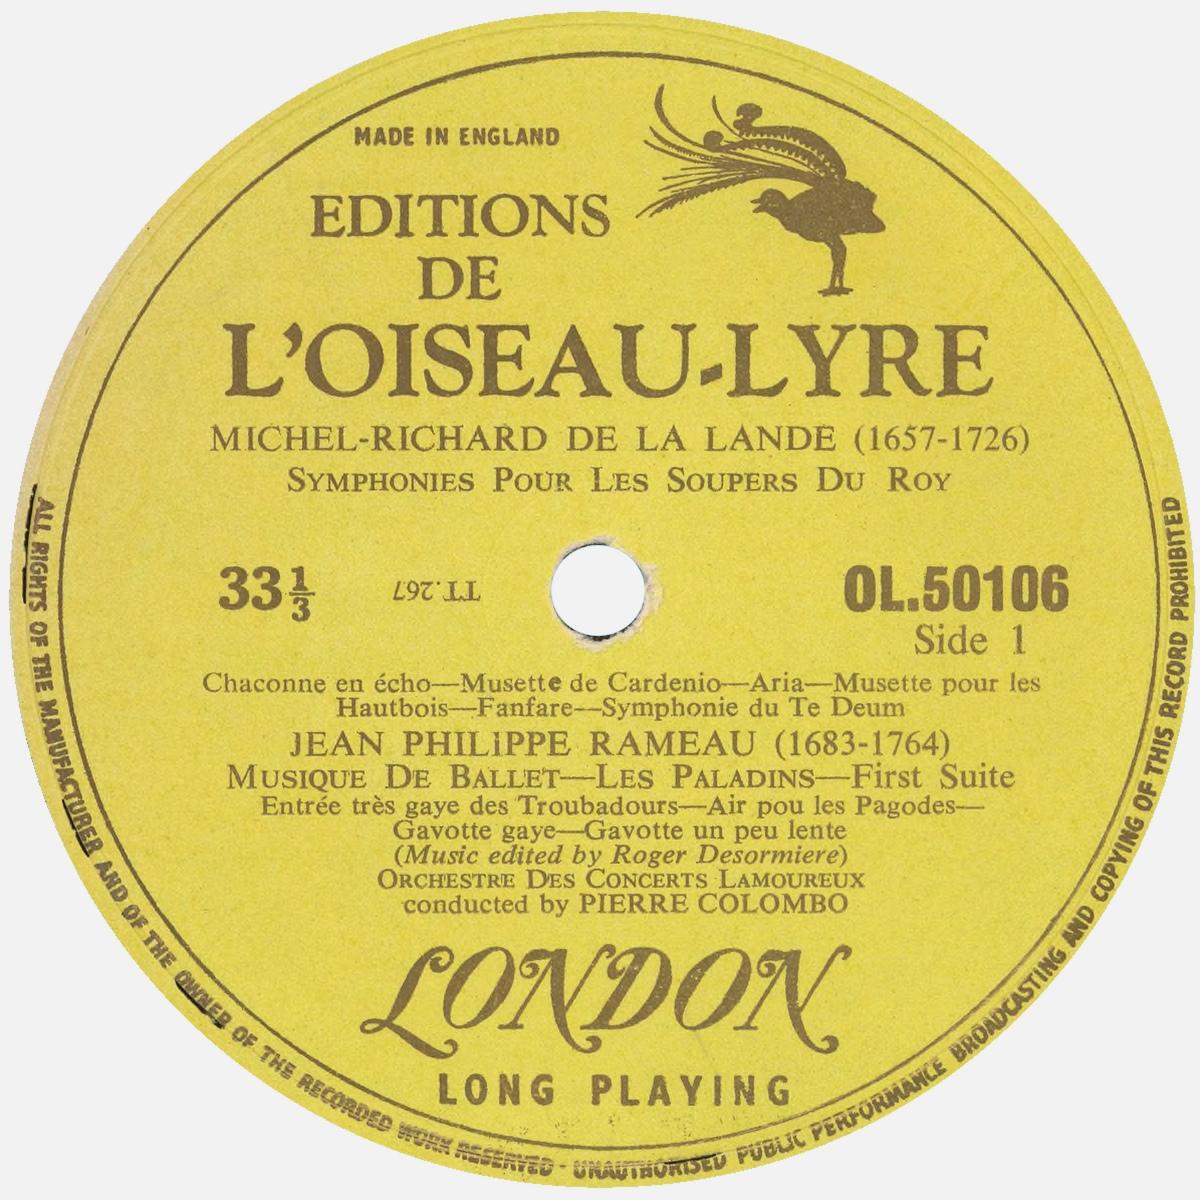 Étiquette recto du disque Oiseau-Lyre OL 50106